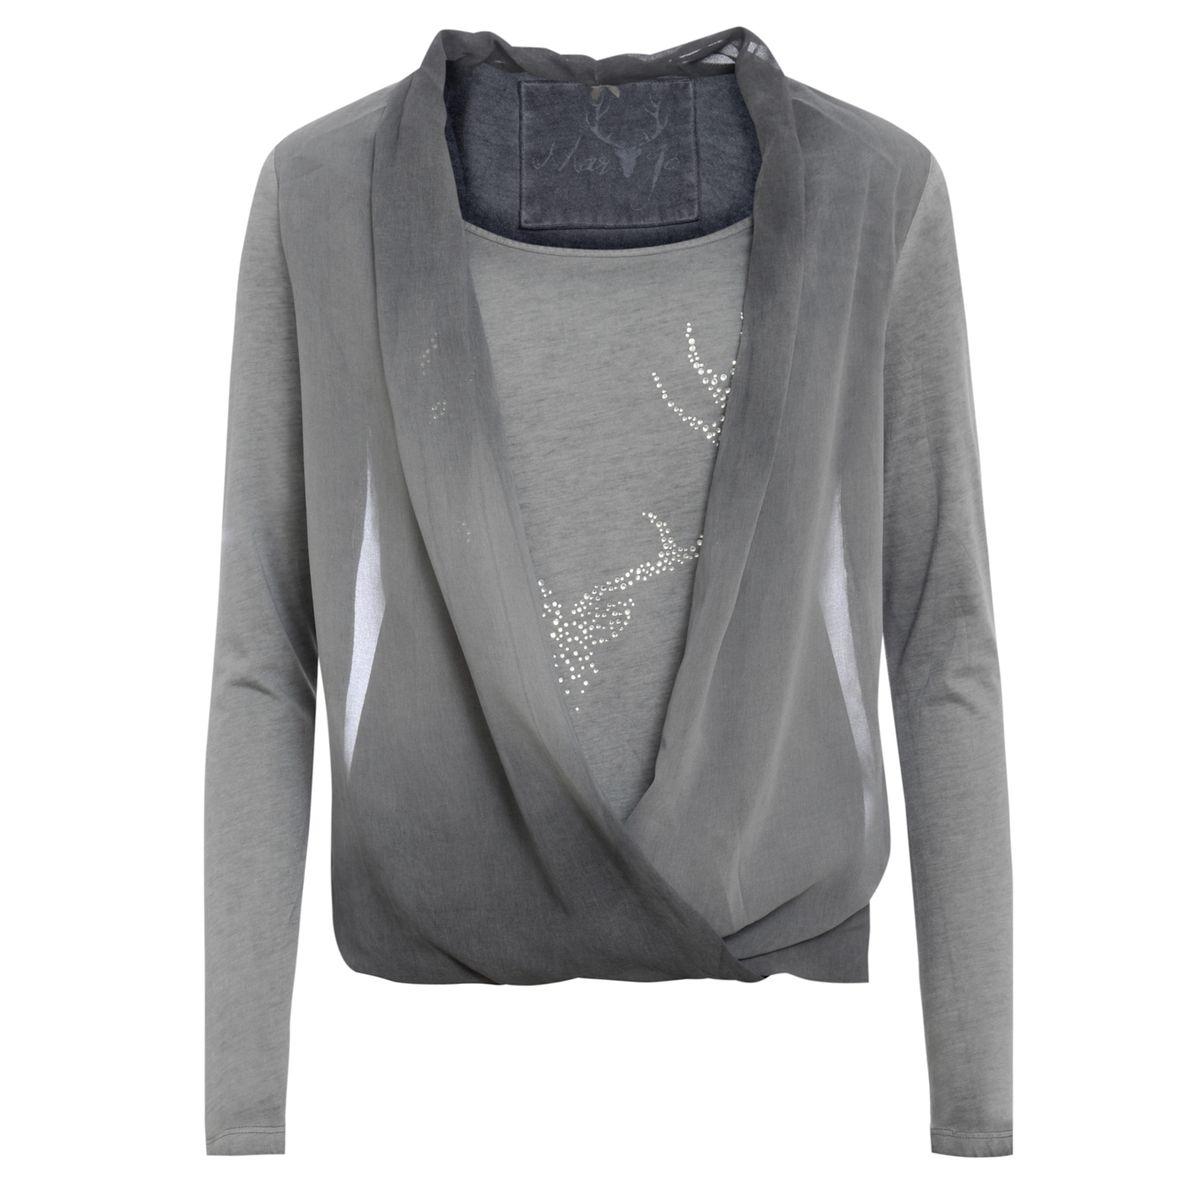 Trachtenshirt Claudi in Grau von Marjo Trachten günstig online kaufen